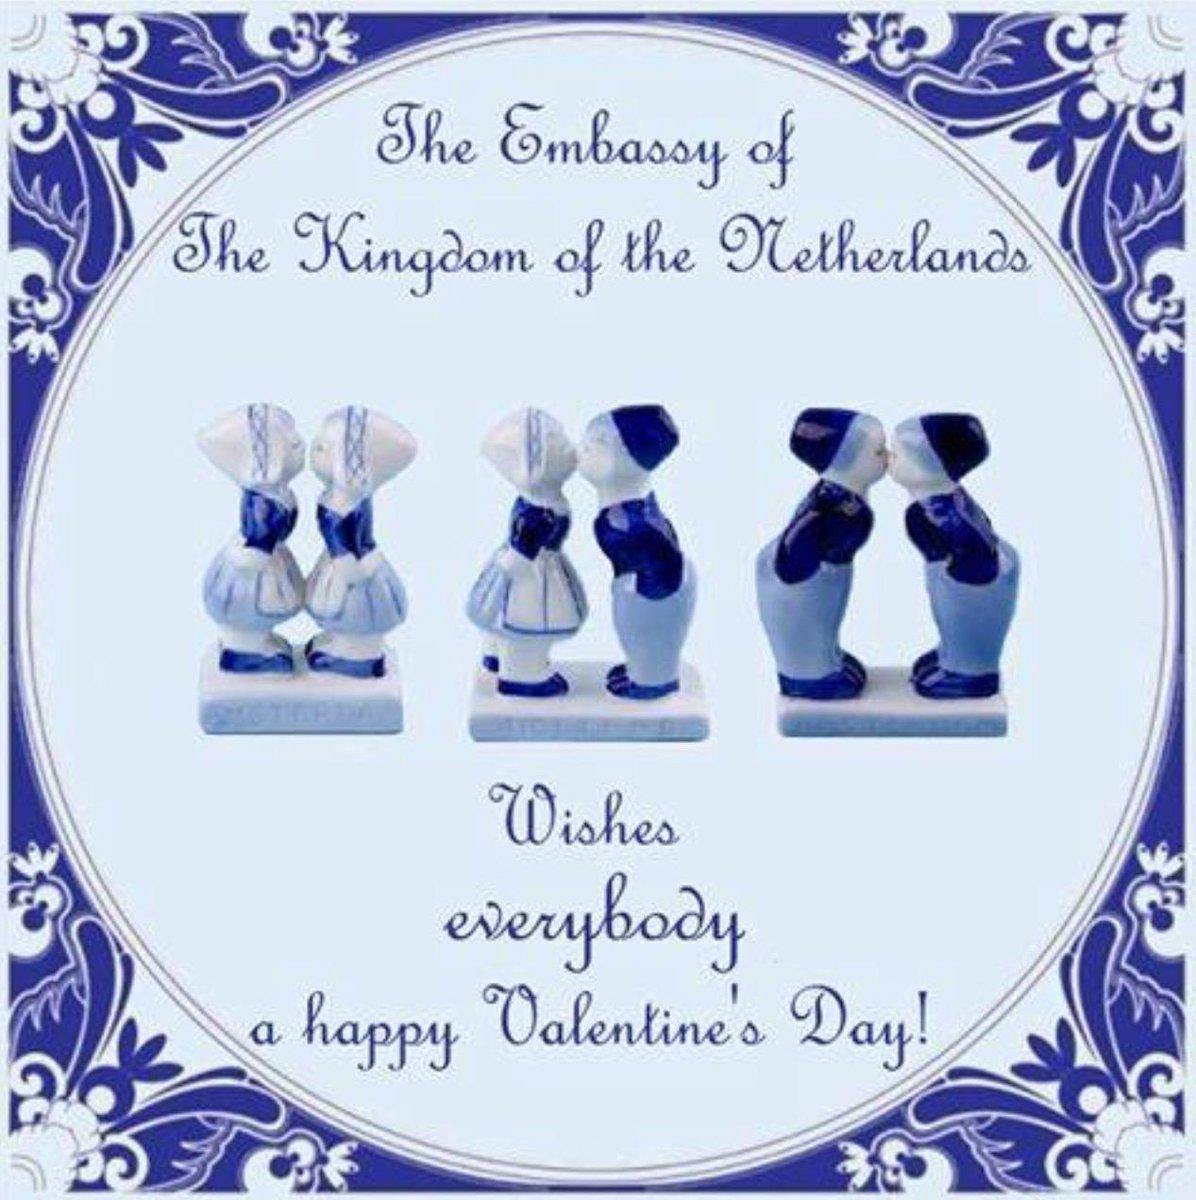 Valentijnswens van de Nederlandse ambassade in Bangkok http://t.co/YoxFQG90pr